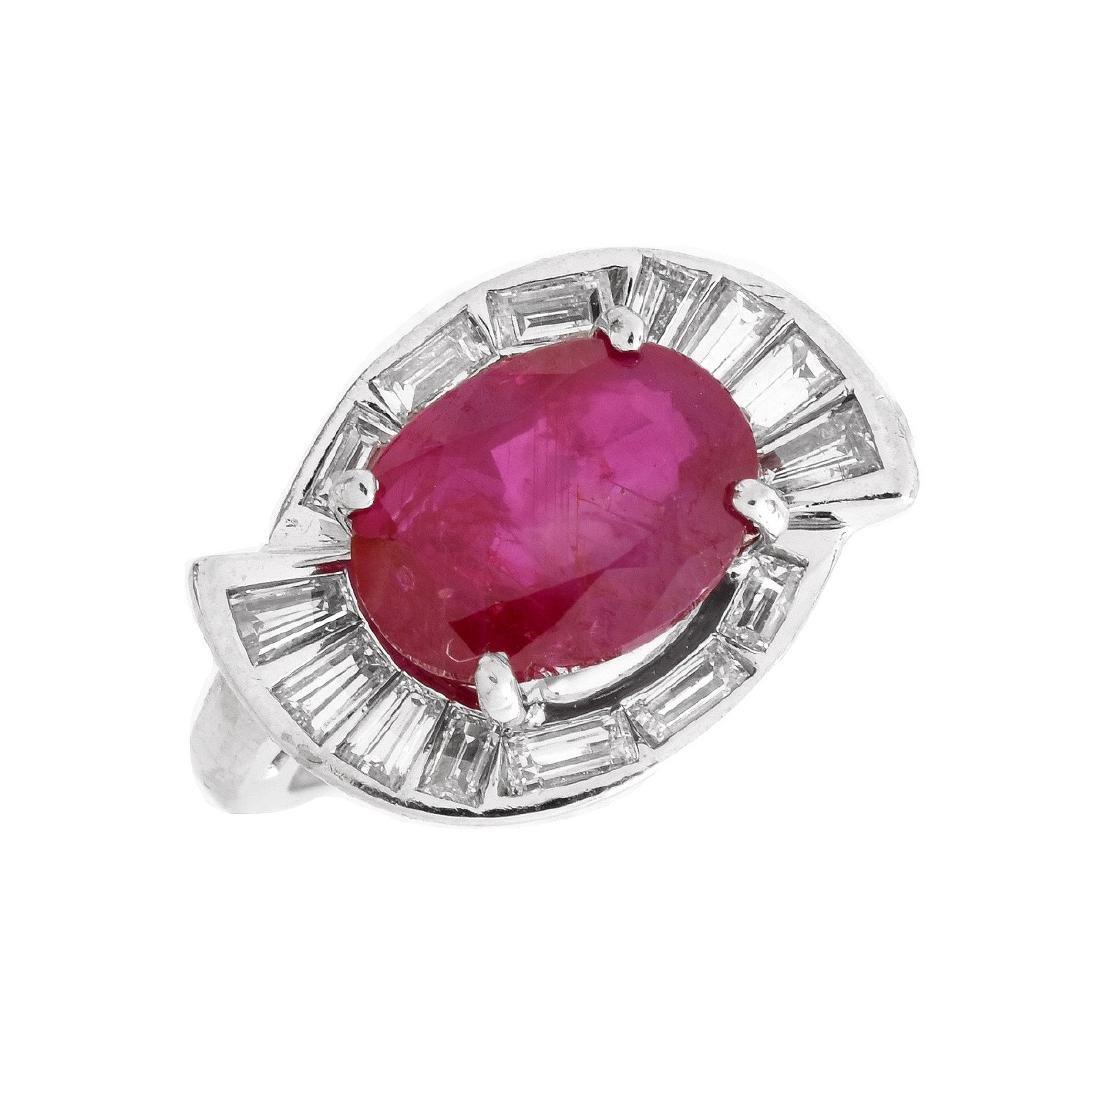 AGL 2.98ct Burma Ruby Ring